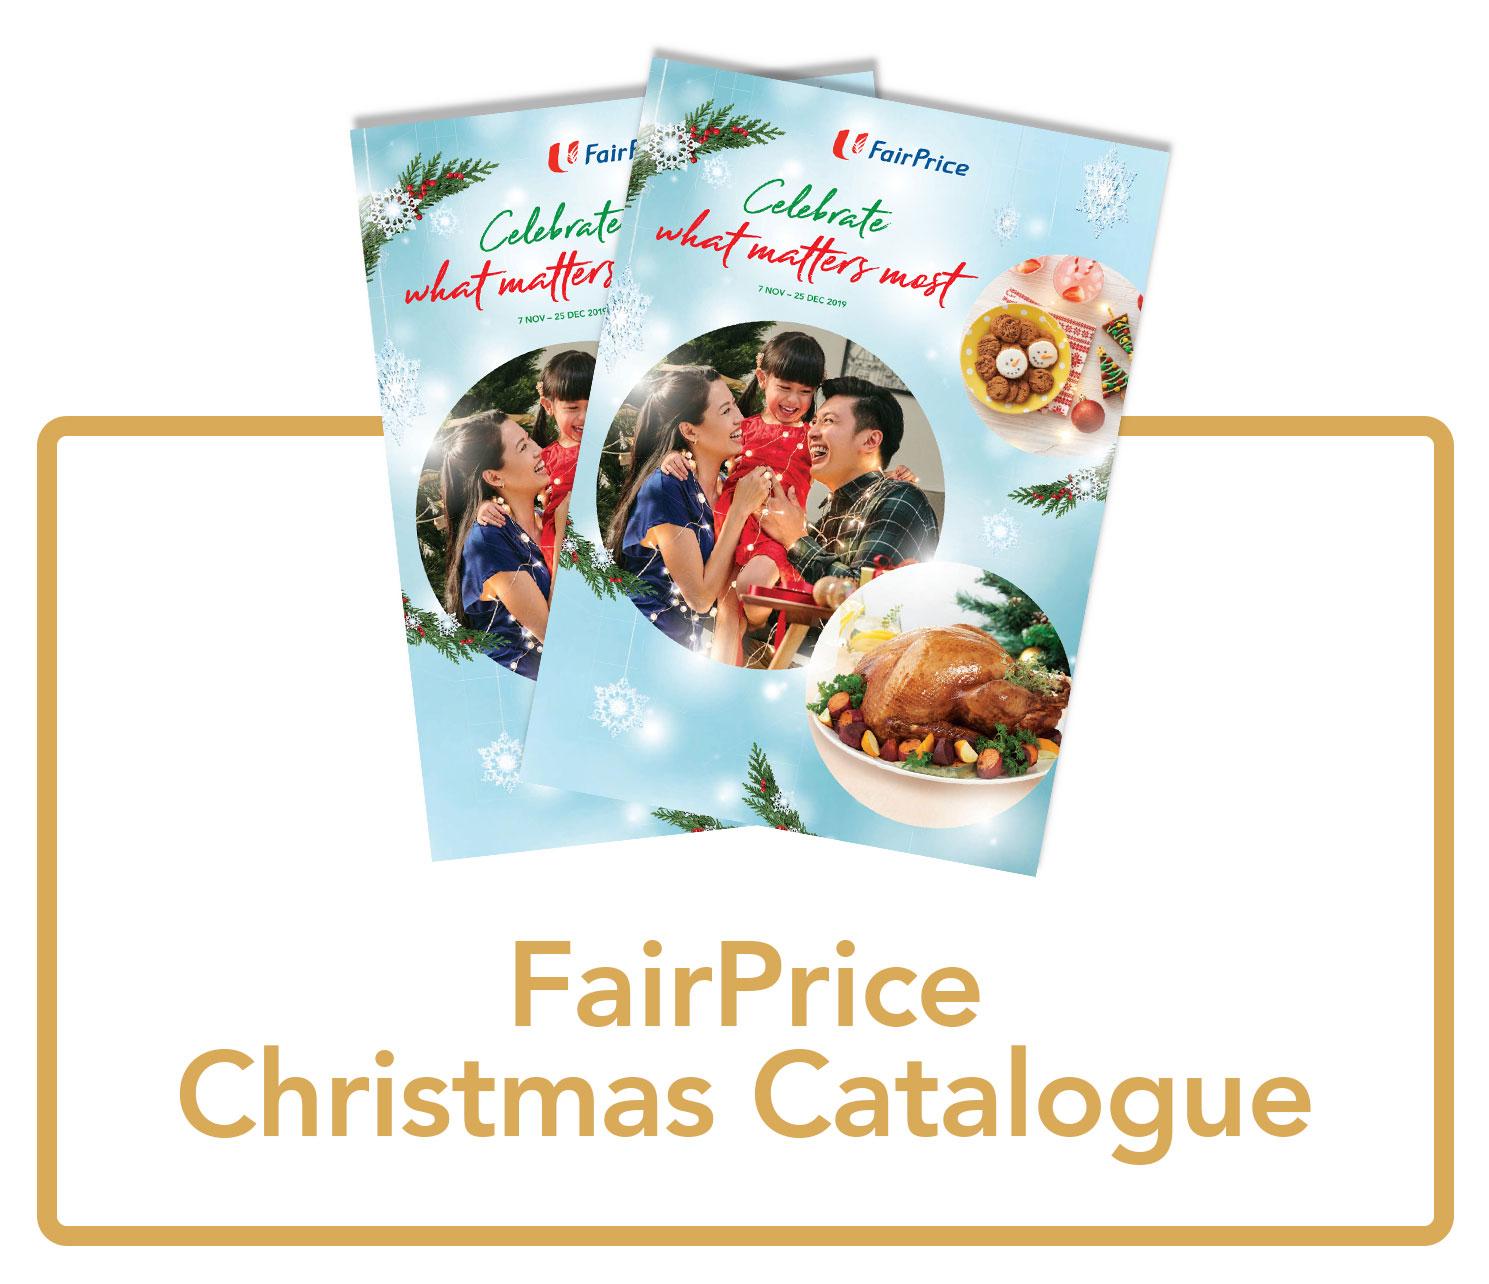 FairPrice Christmas catalogue